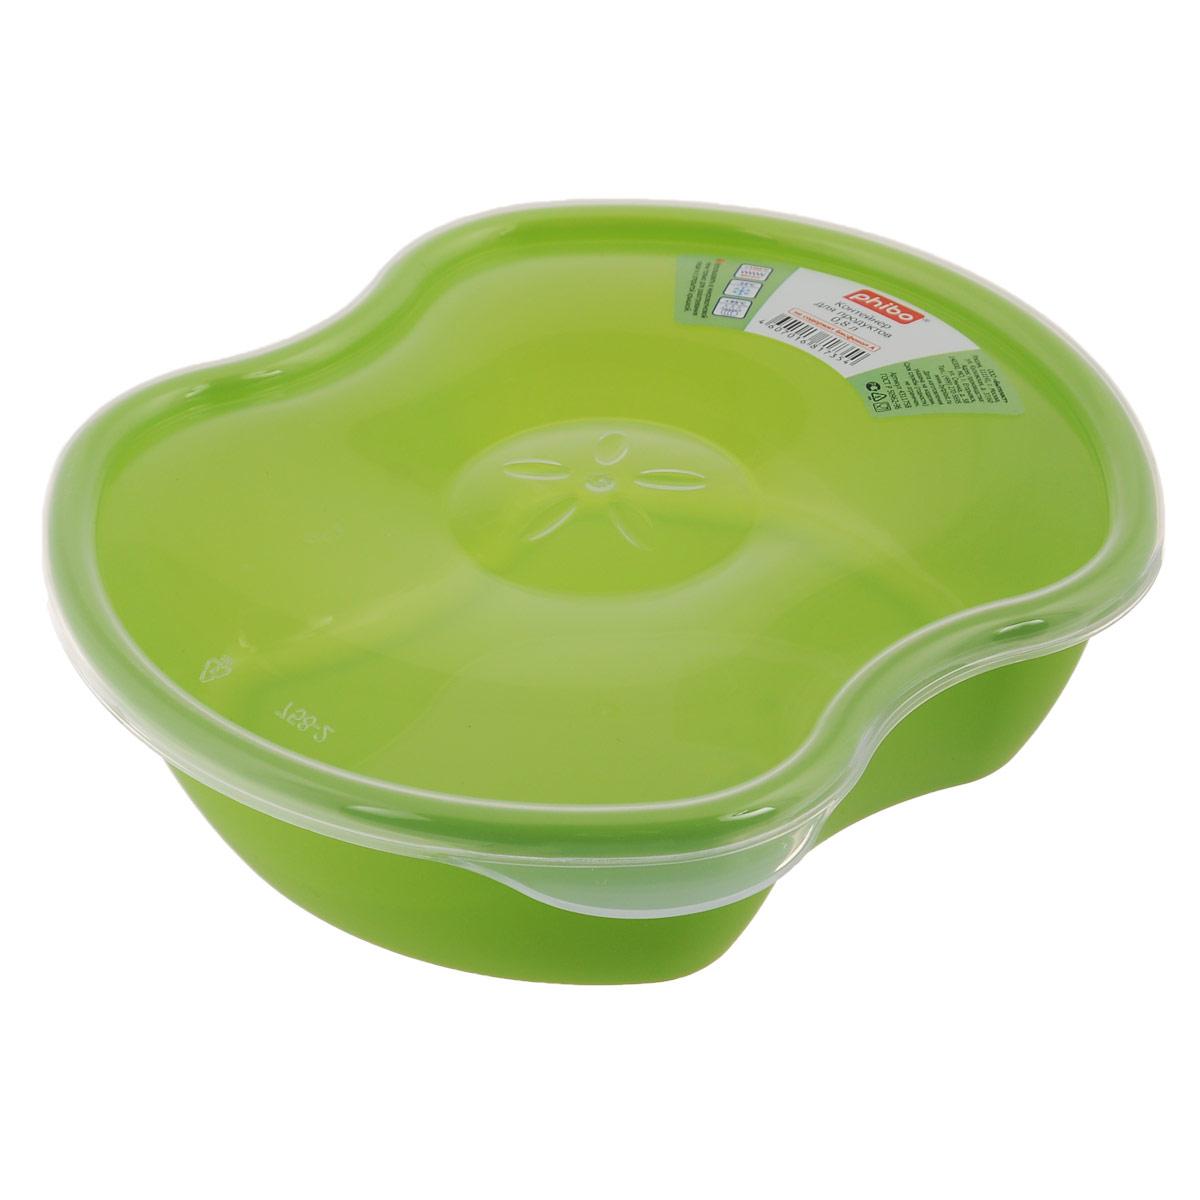 Контейнер для пищевых продуктов Phibo Eco Style, 0,8 лС11758Контейнер Phibo Eco Style изготовлен из высококачественного пластика, без содержания бисфенола А. Контейнер выполнен в форме разрезанного яблока, а декор в центре крышки напоминает сердцевину фрукта. Крышка прозрачная, легко и плотно закрывается. Контейнер устойчив к воздействию масел и жиров, легко моется. Подходит для использования в микроволновых печах, выдерживает хранение в морозильной камере, его можно мыть в посудомоечной машине.